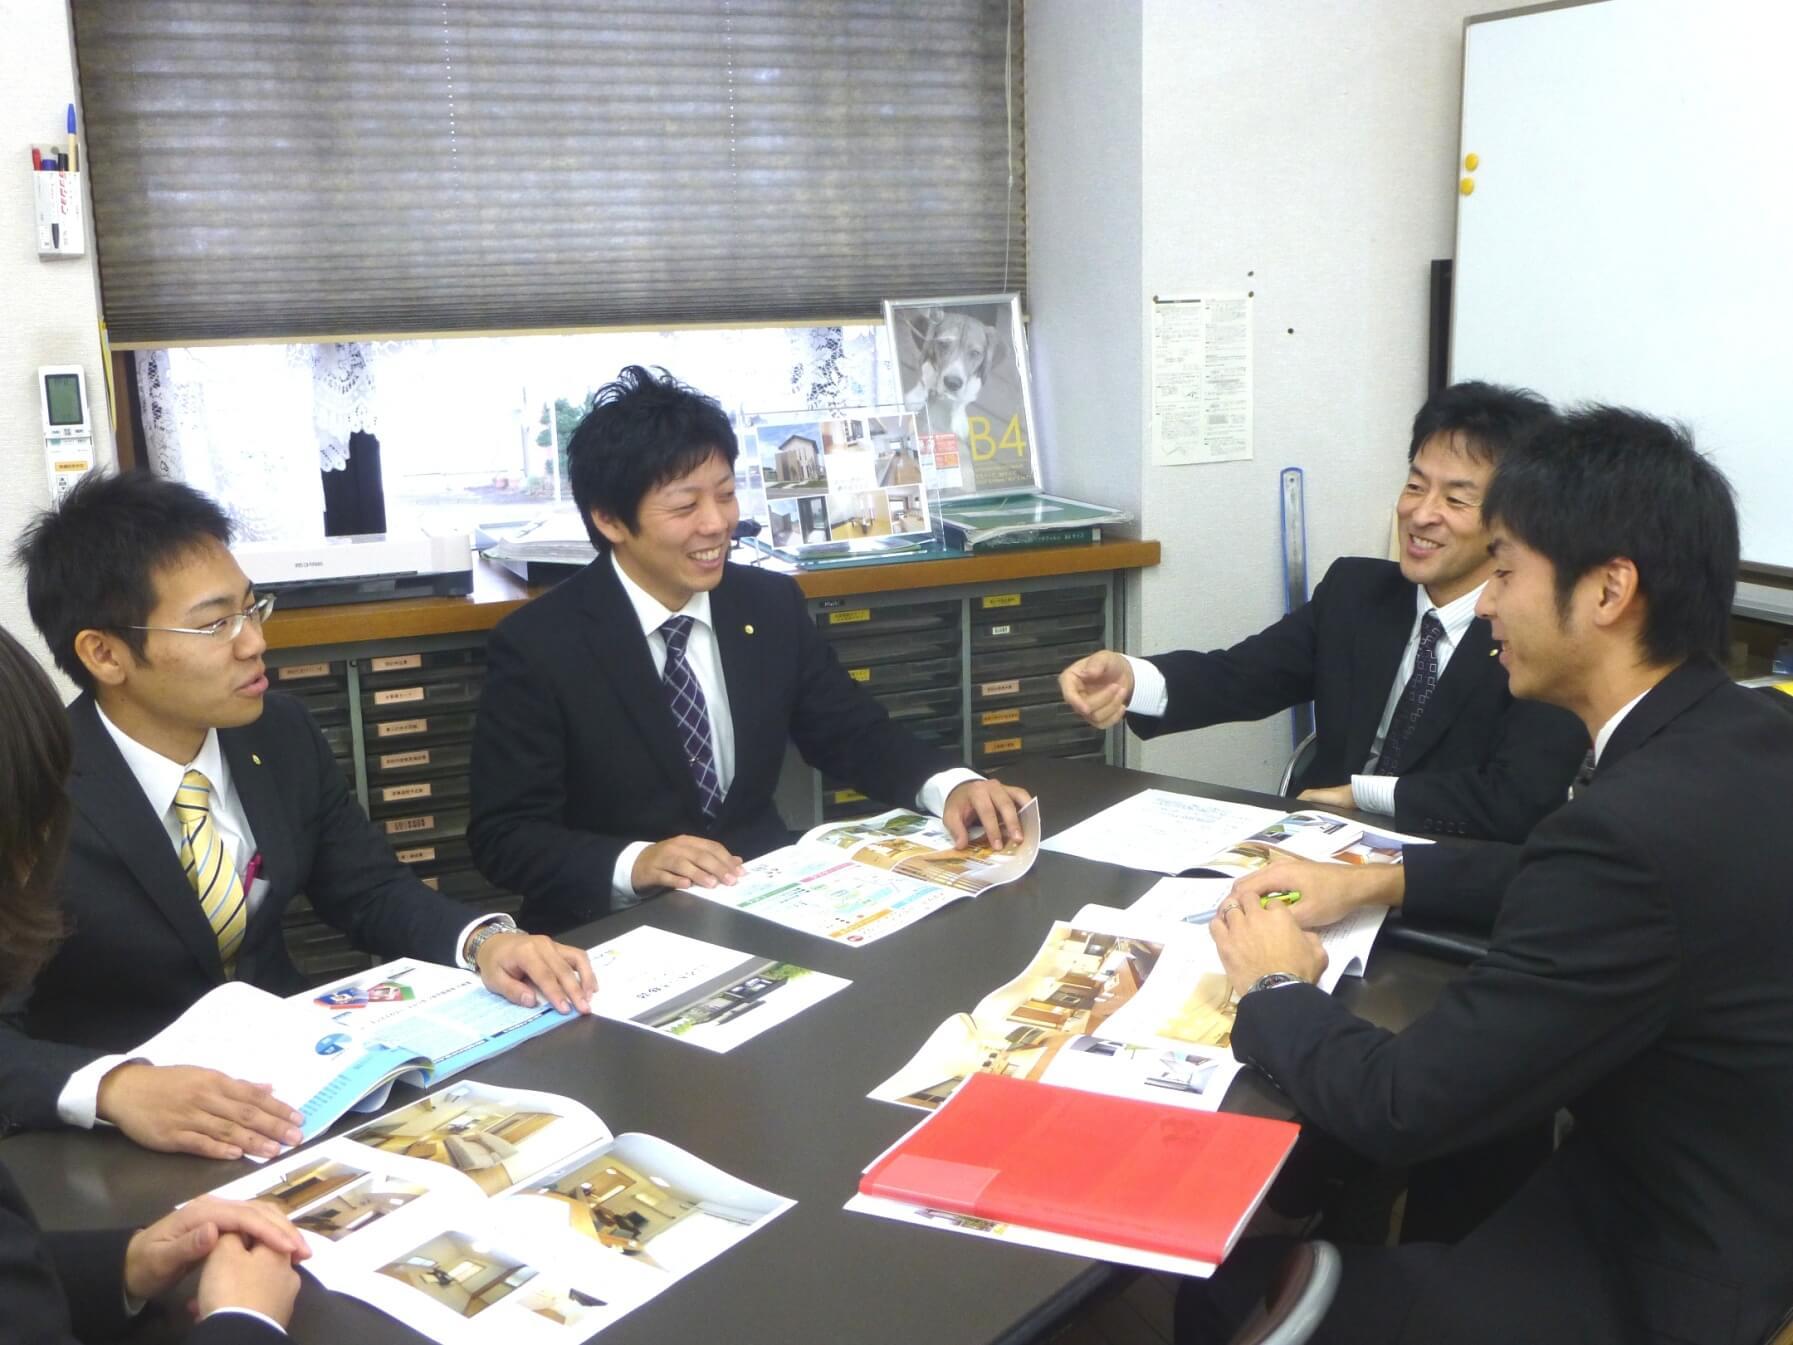 オダケホーム株式会社